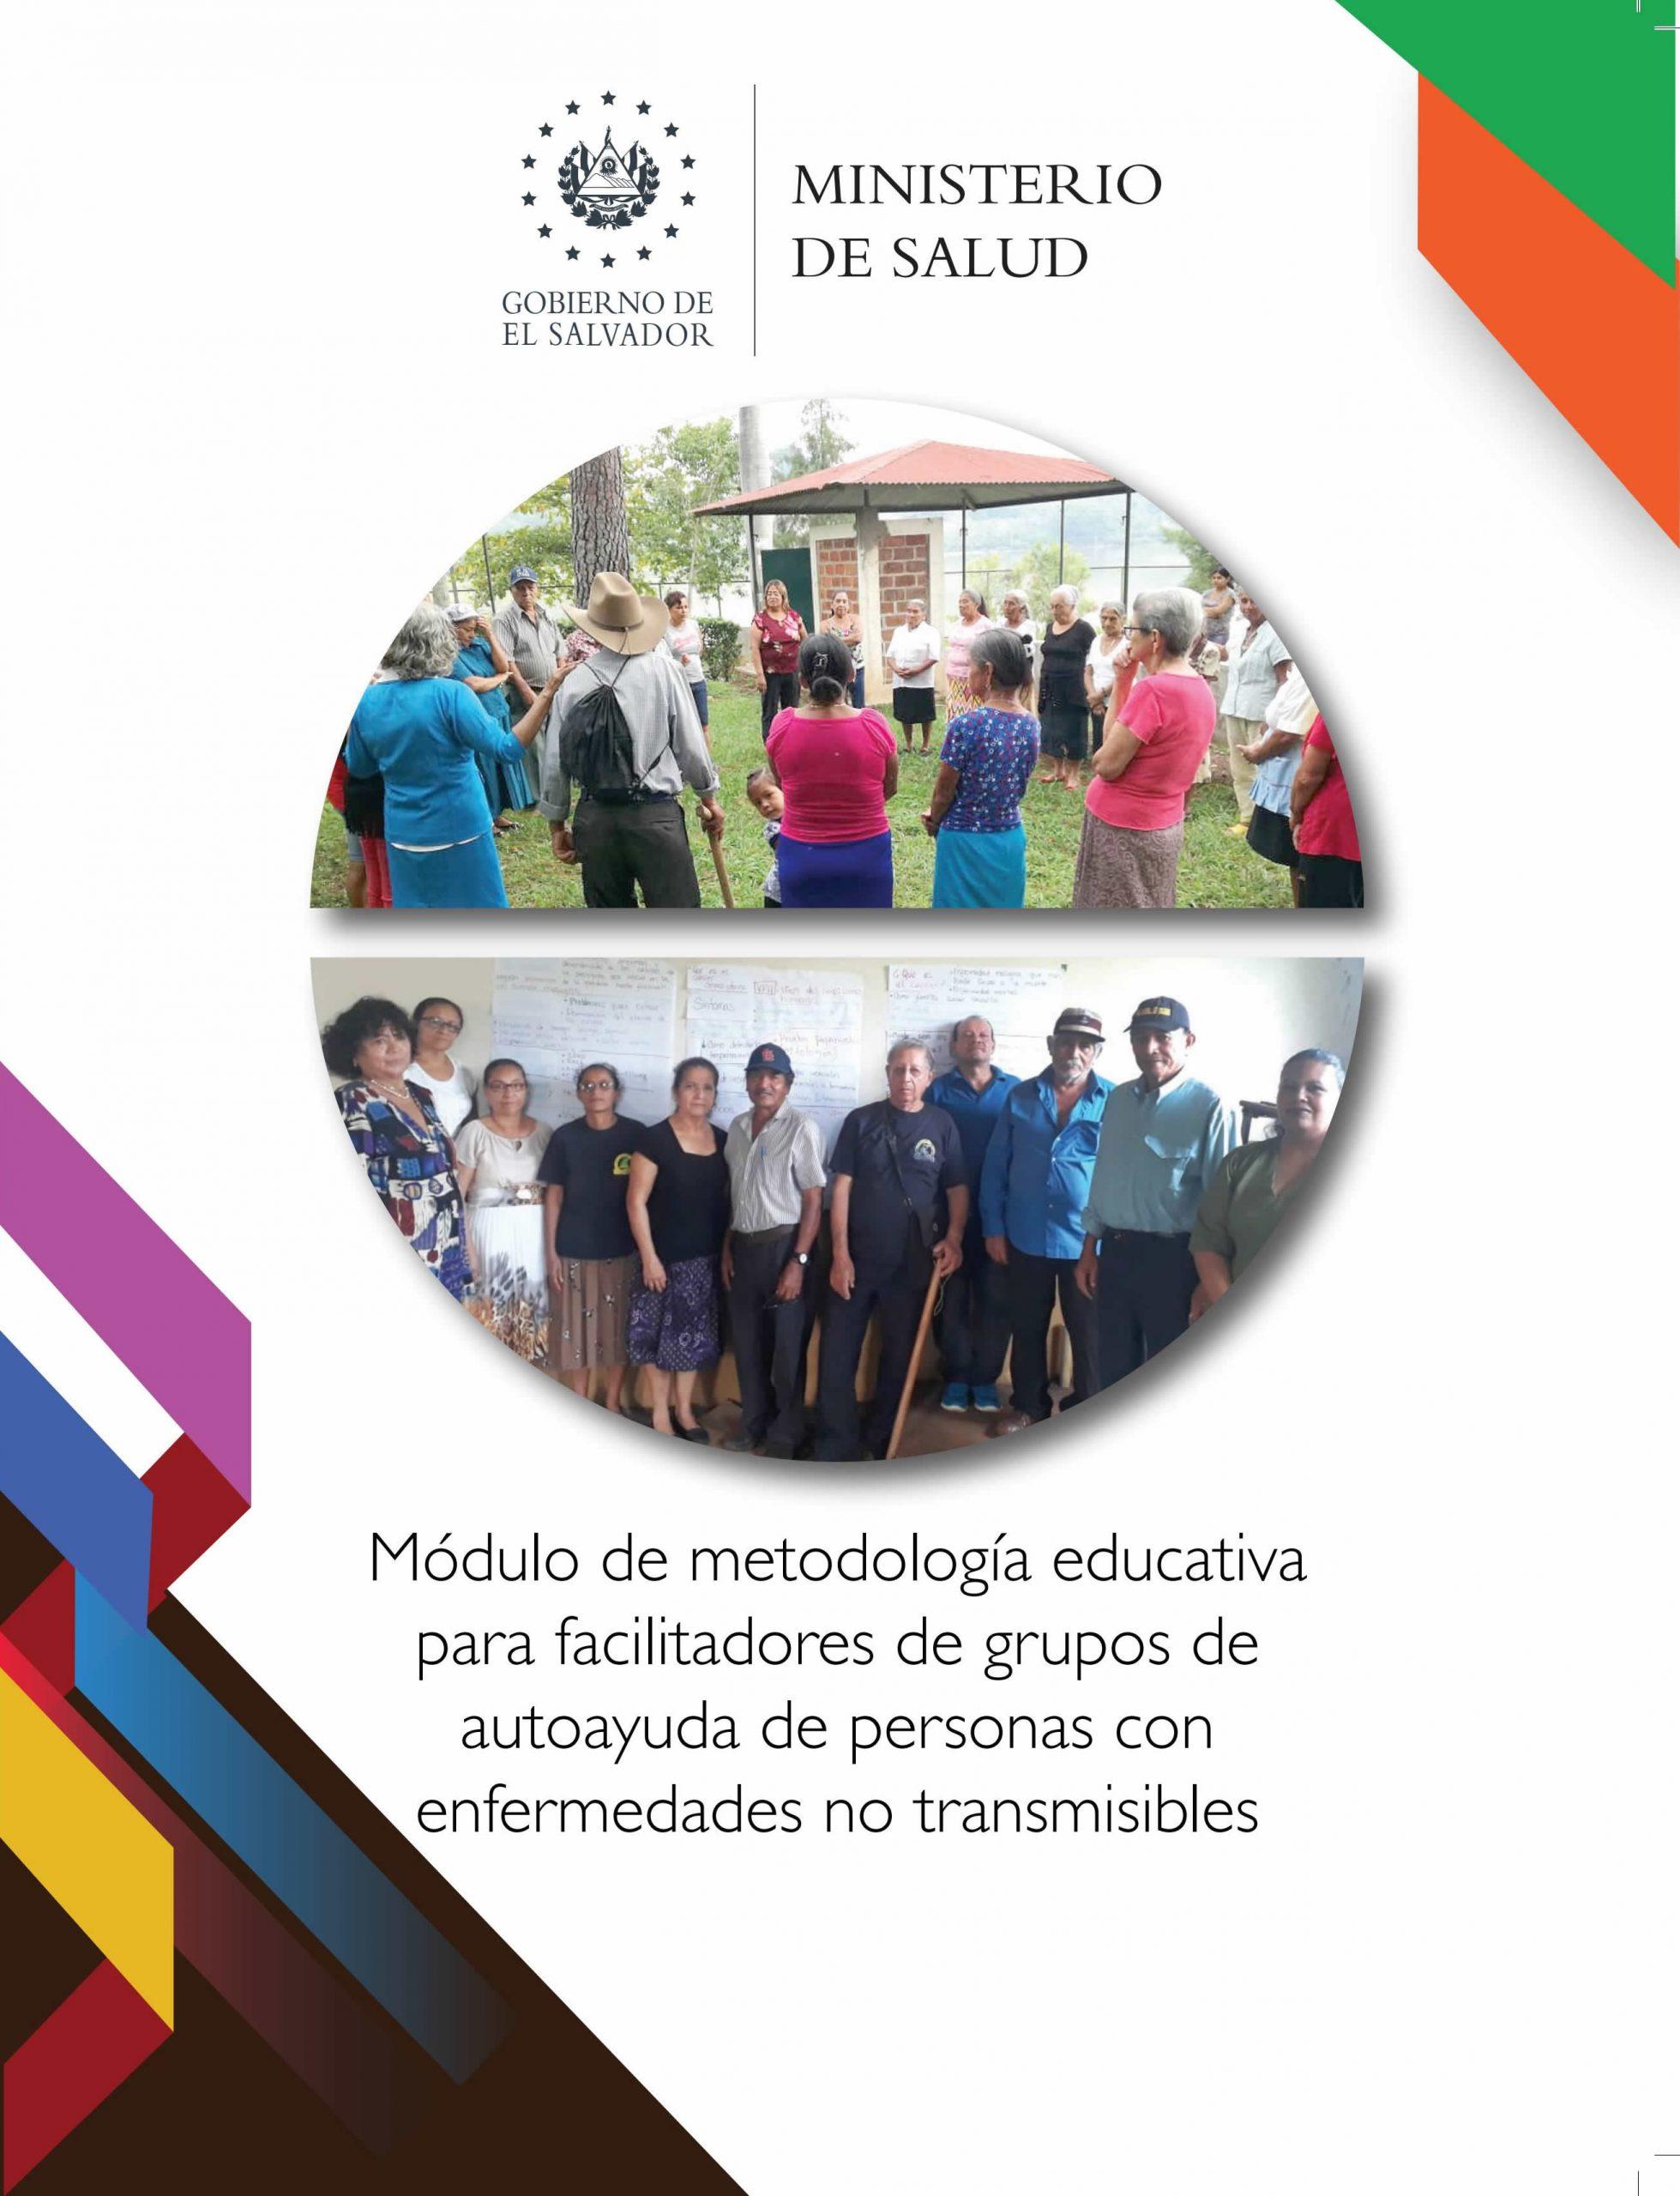 Módulo de metodología educativa para facilitadores de grupos de autoayuda de personas con enfermedades no transmisibles